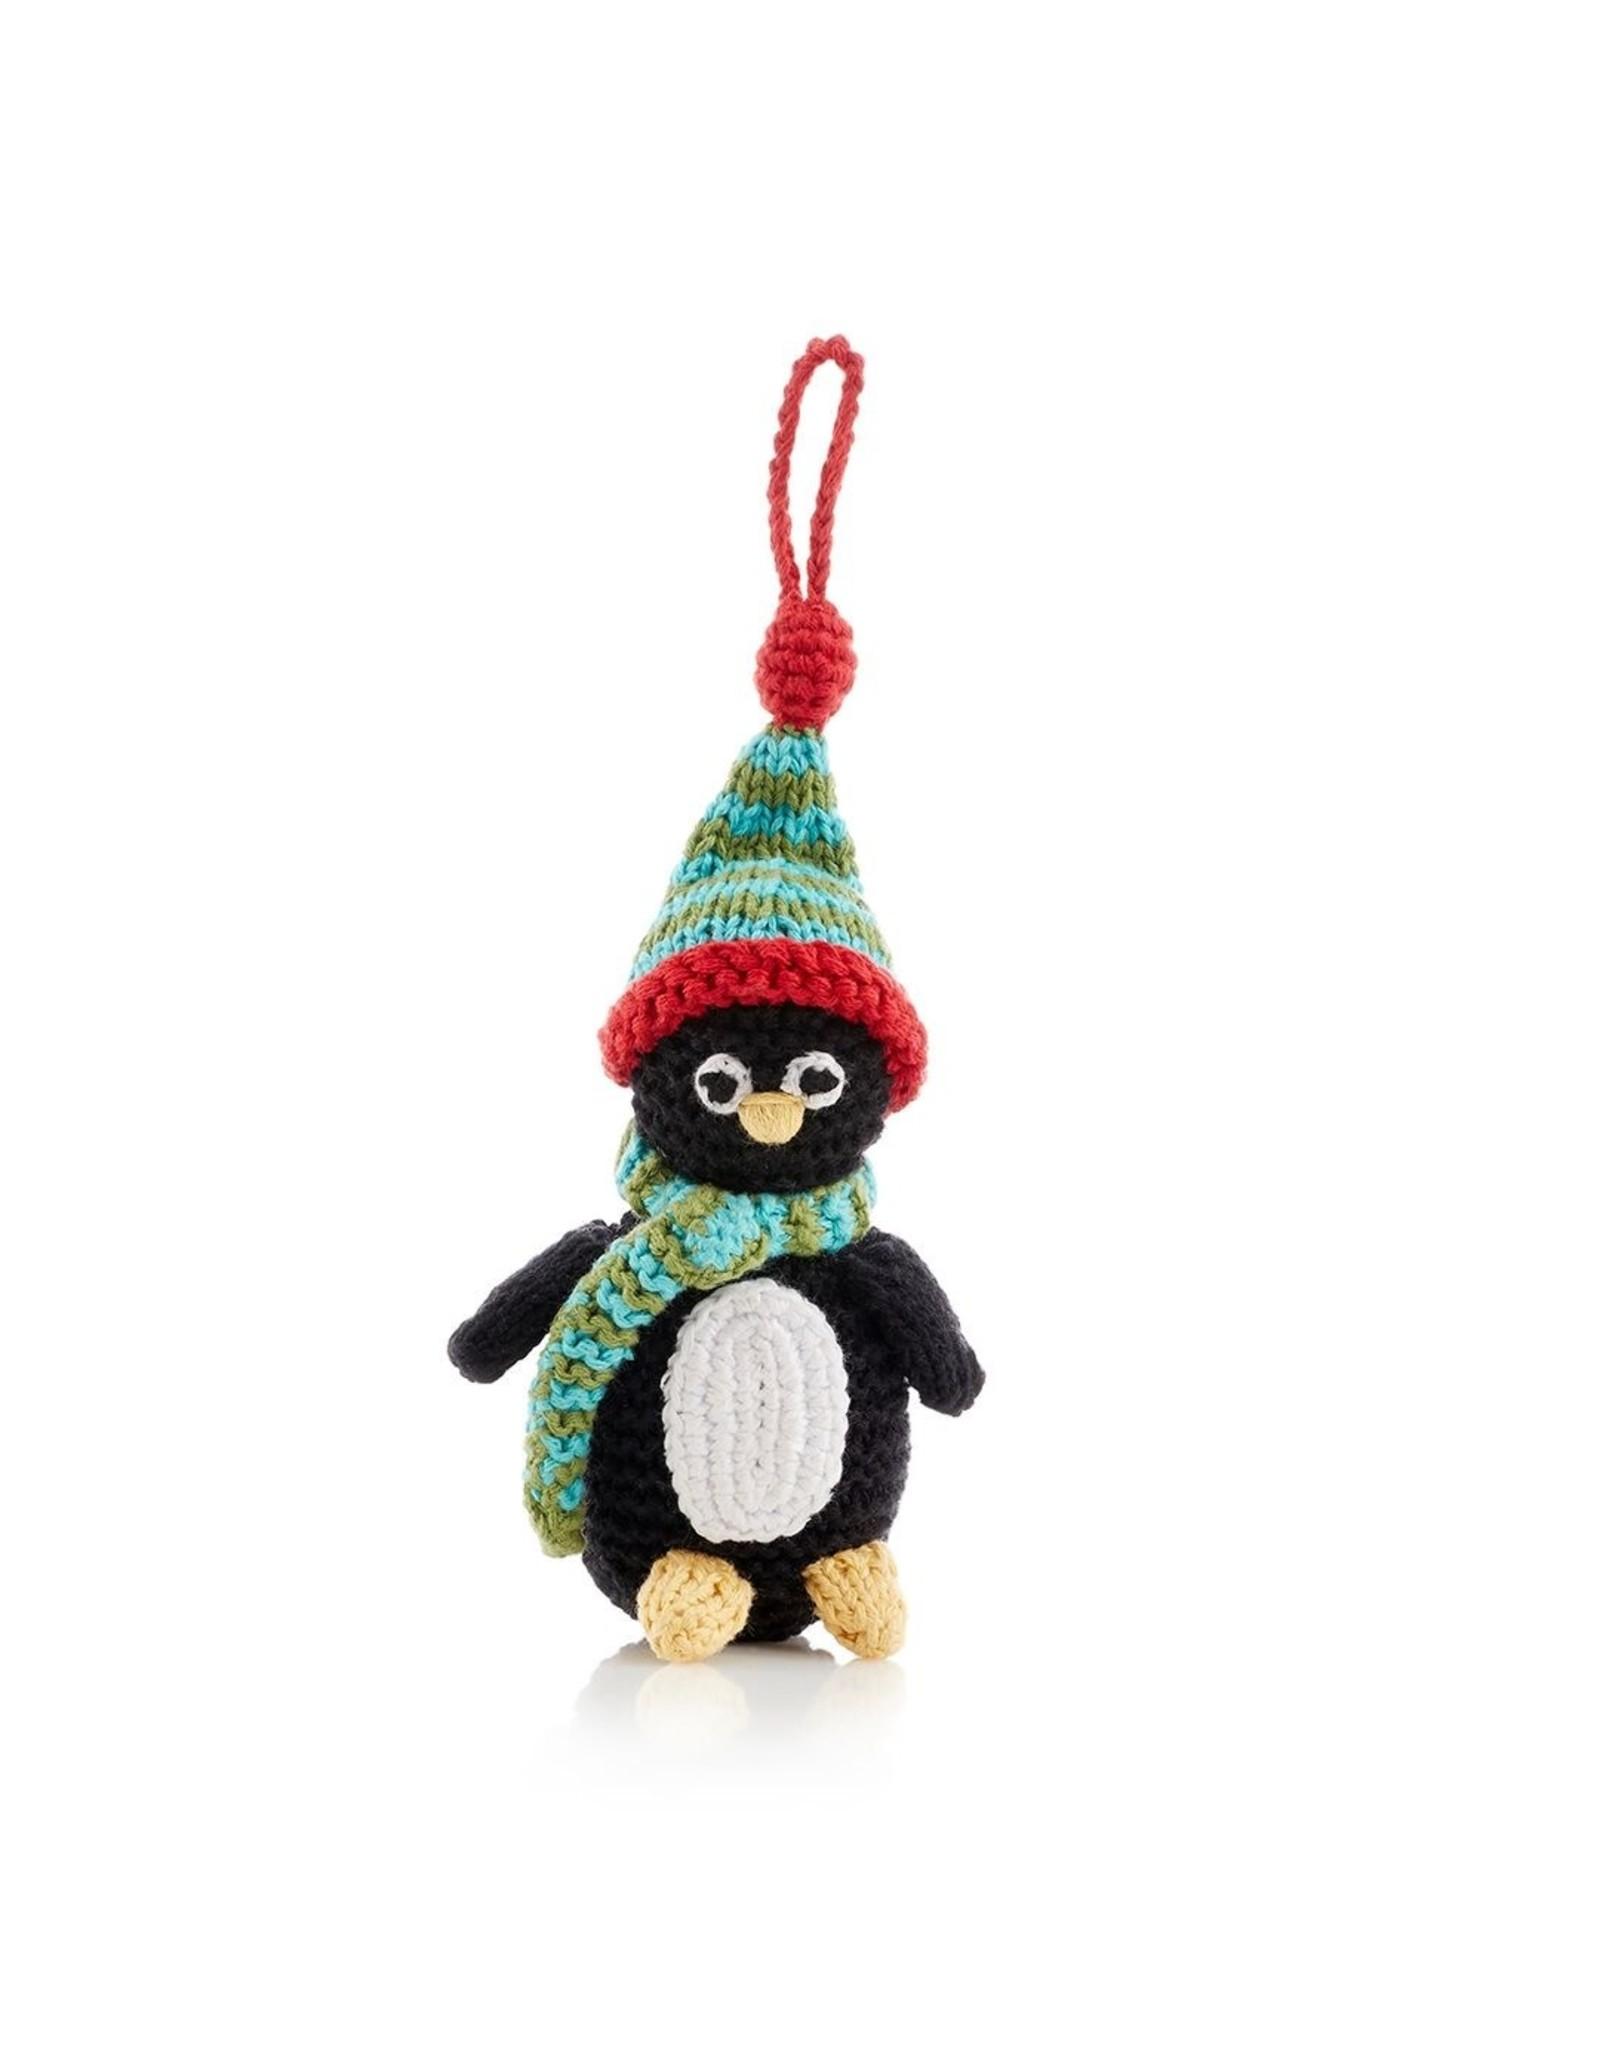 Pebble Penguin ornament. Bangladesh